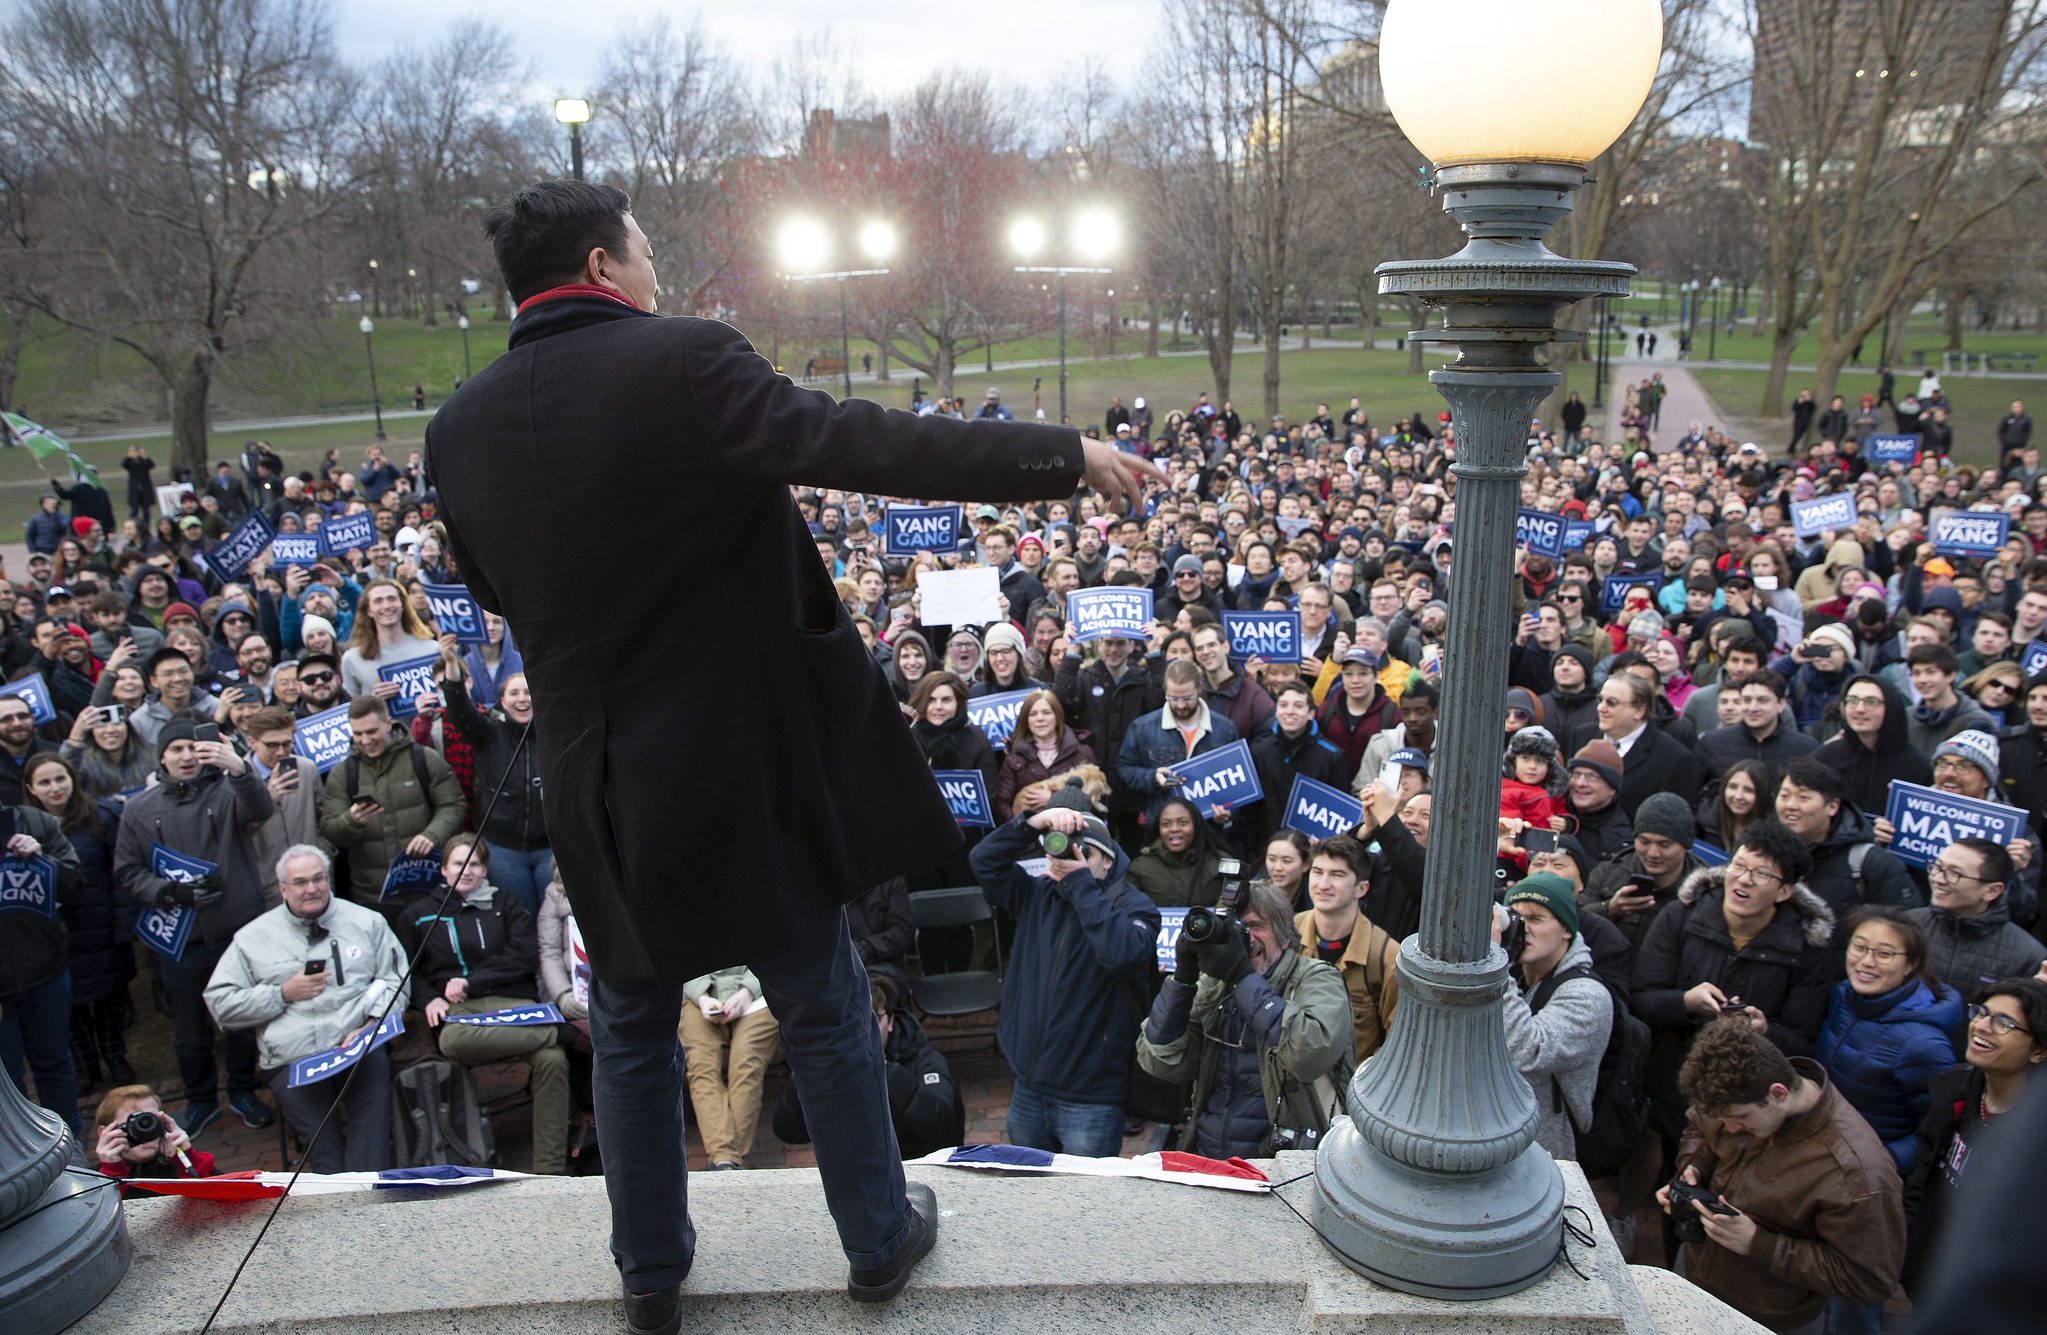 지난 9일 보스턴에서 열린 한 선거유세장에서 연설하는 양 후보.[EPA=연합뉴스]